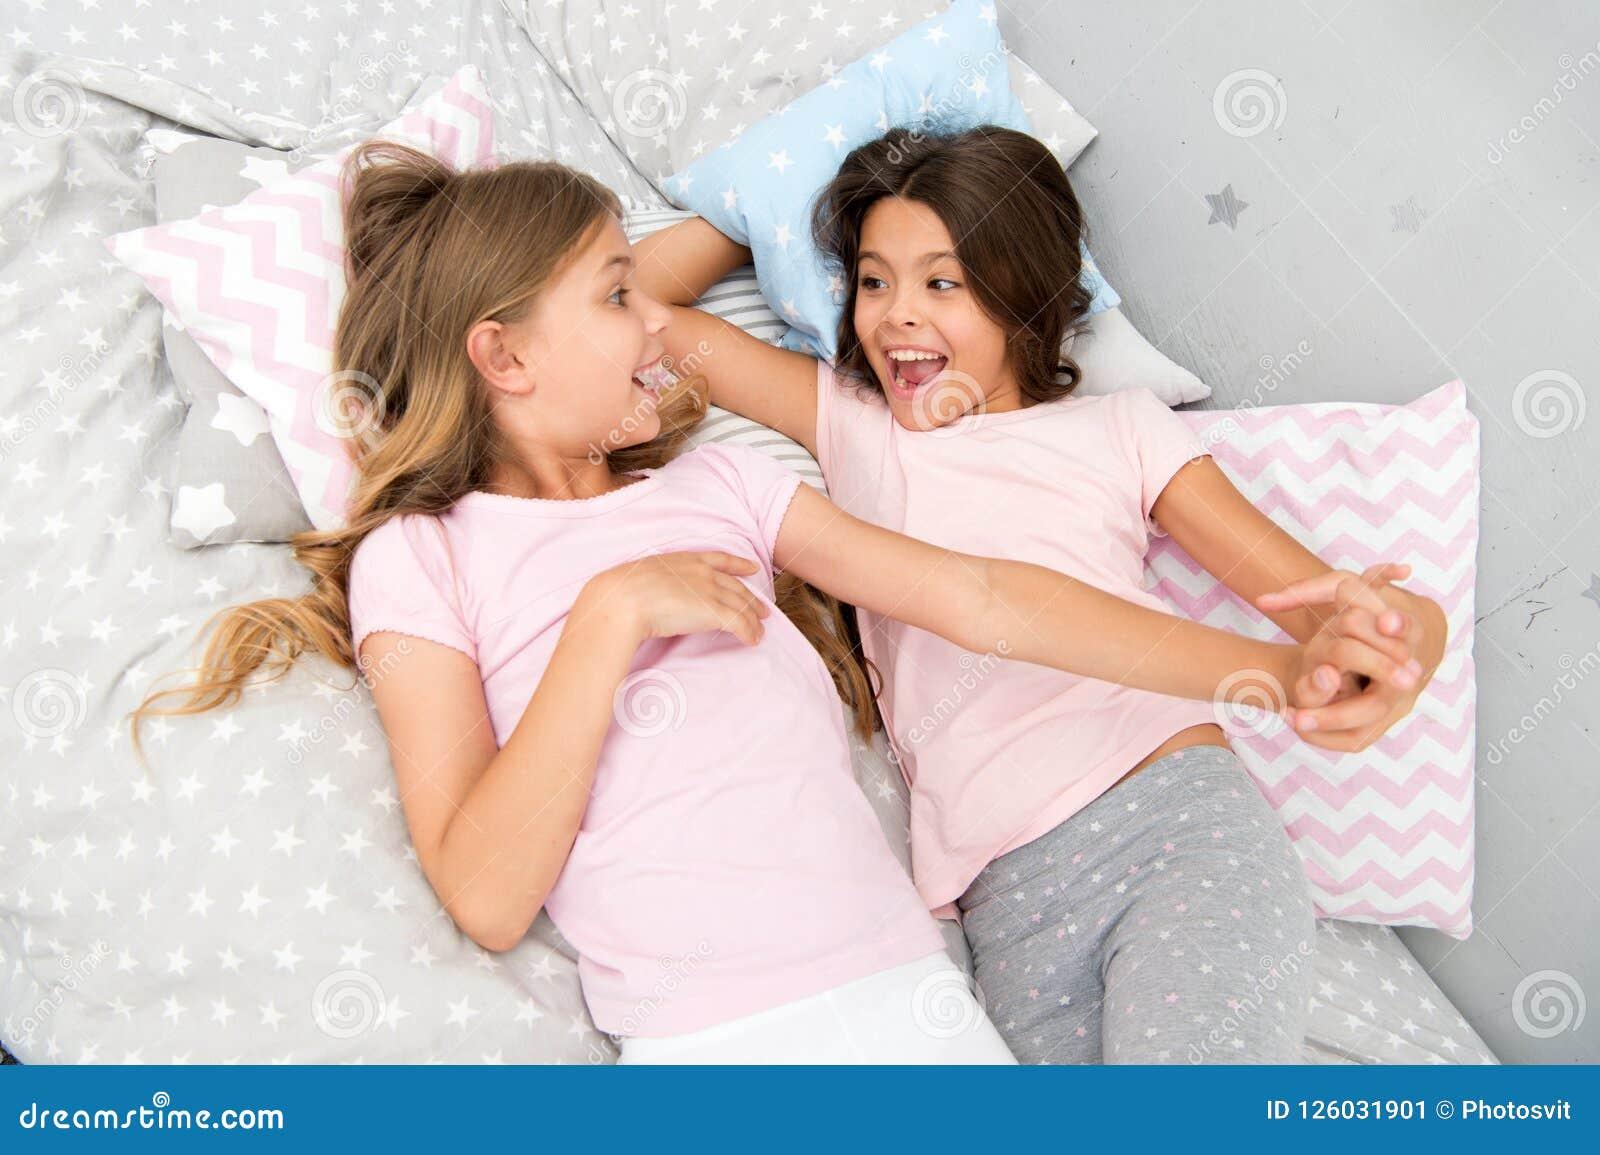 Gutenmorgen und gesunder Schlaf kleine Mädchen sagen guten Morgen miteinander kleine Mädchen im Bett nach gesundem Schlaf